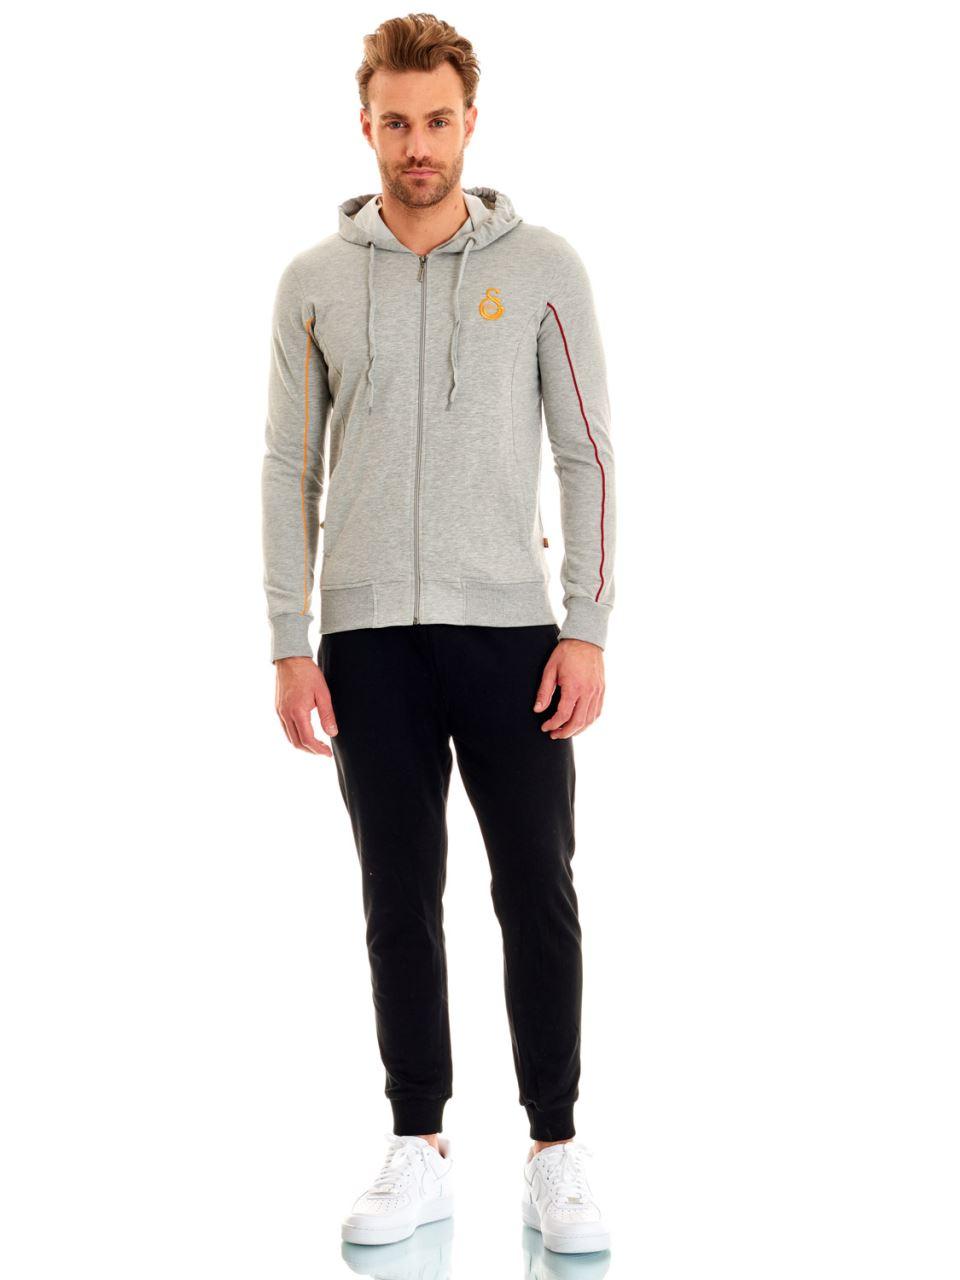 E95353 Sweatshirt